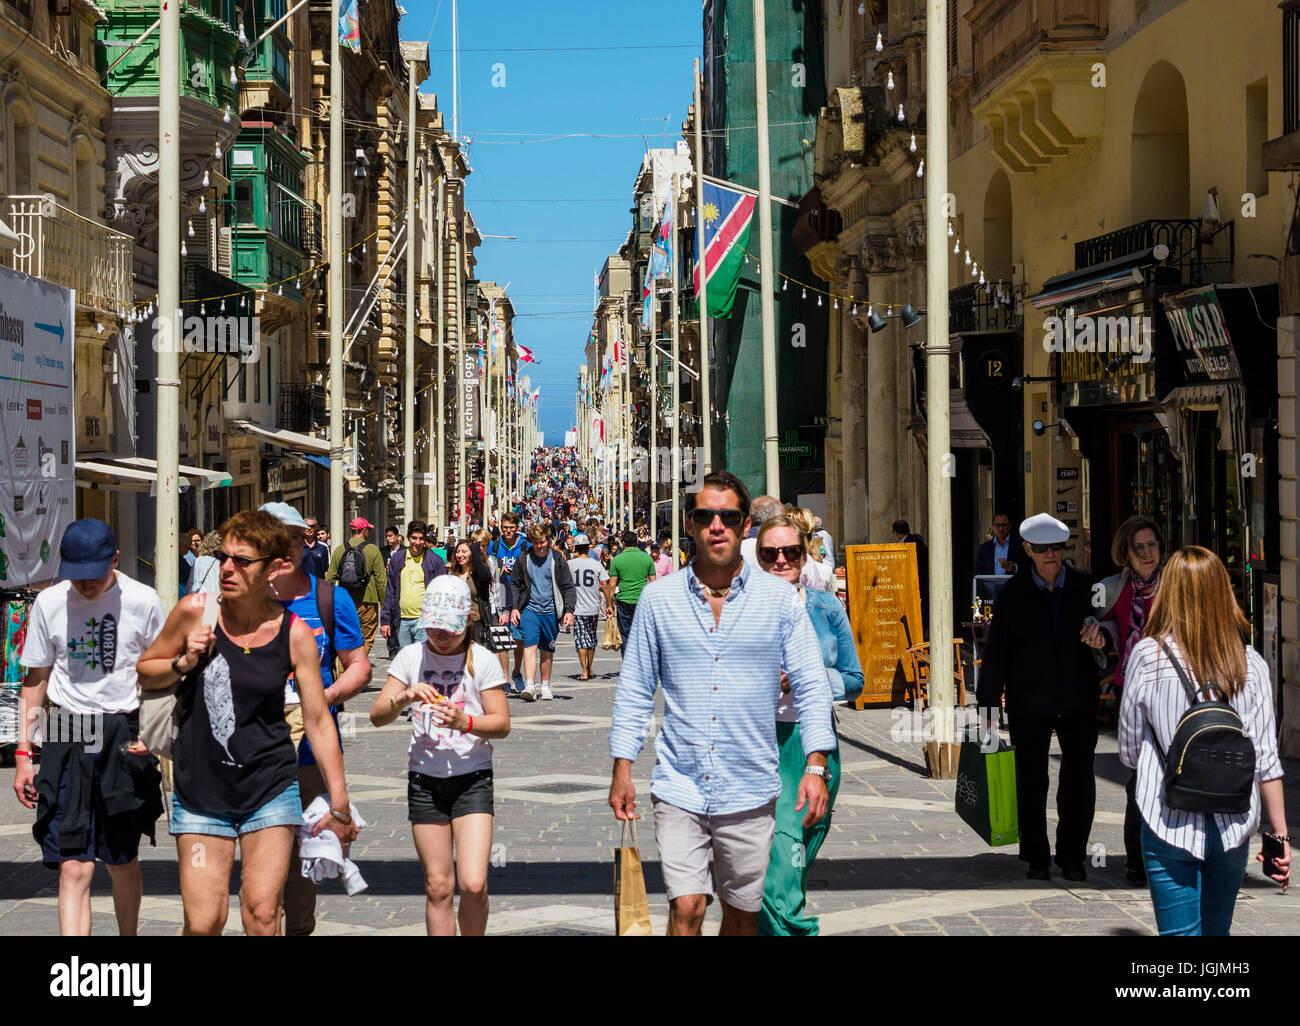 Les piétons marcher sur la rue de la République / Triq Ir-Repubblika / Malte à La Valette. Photo Stock